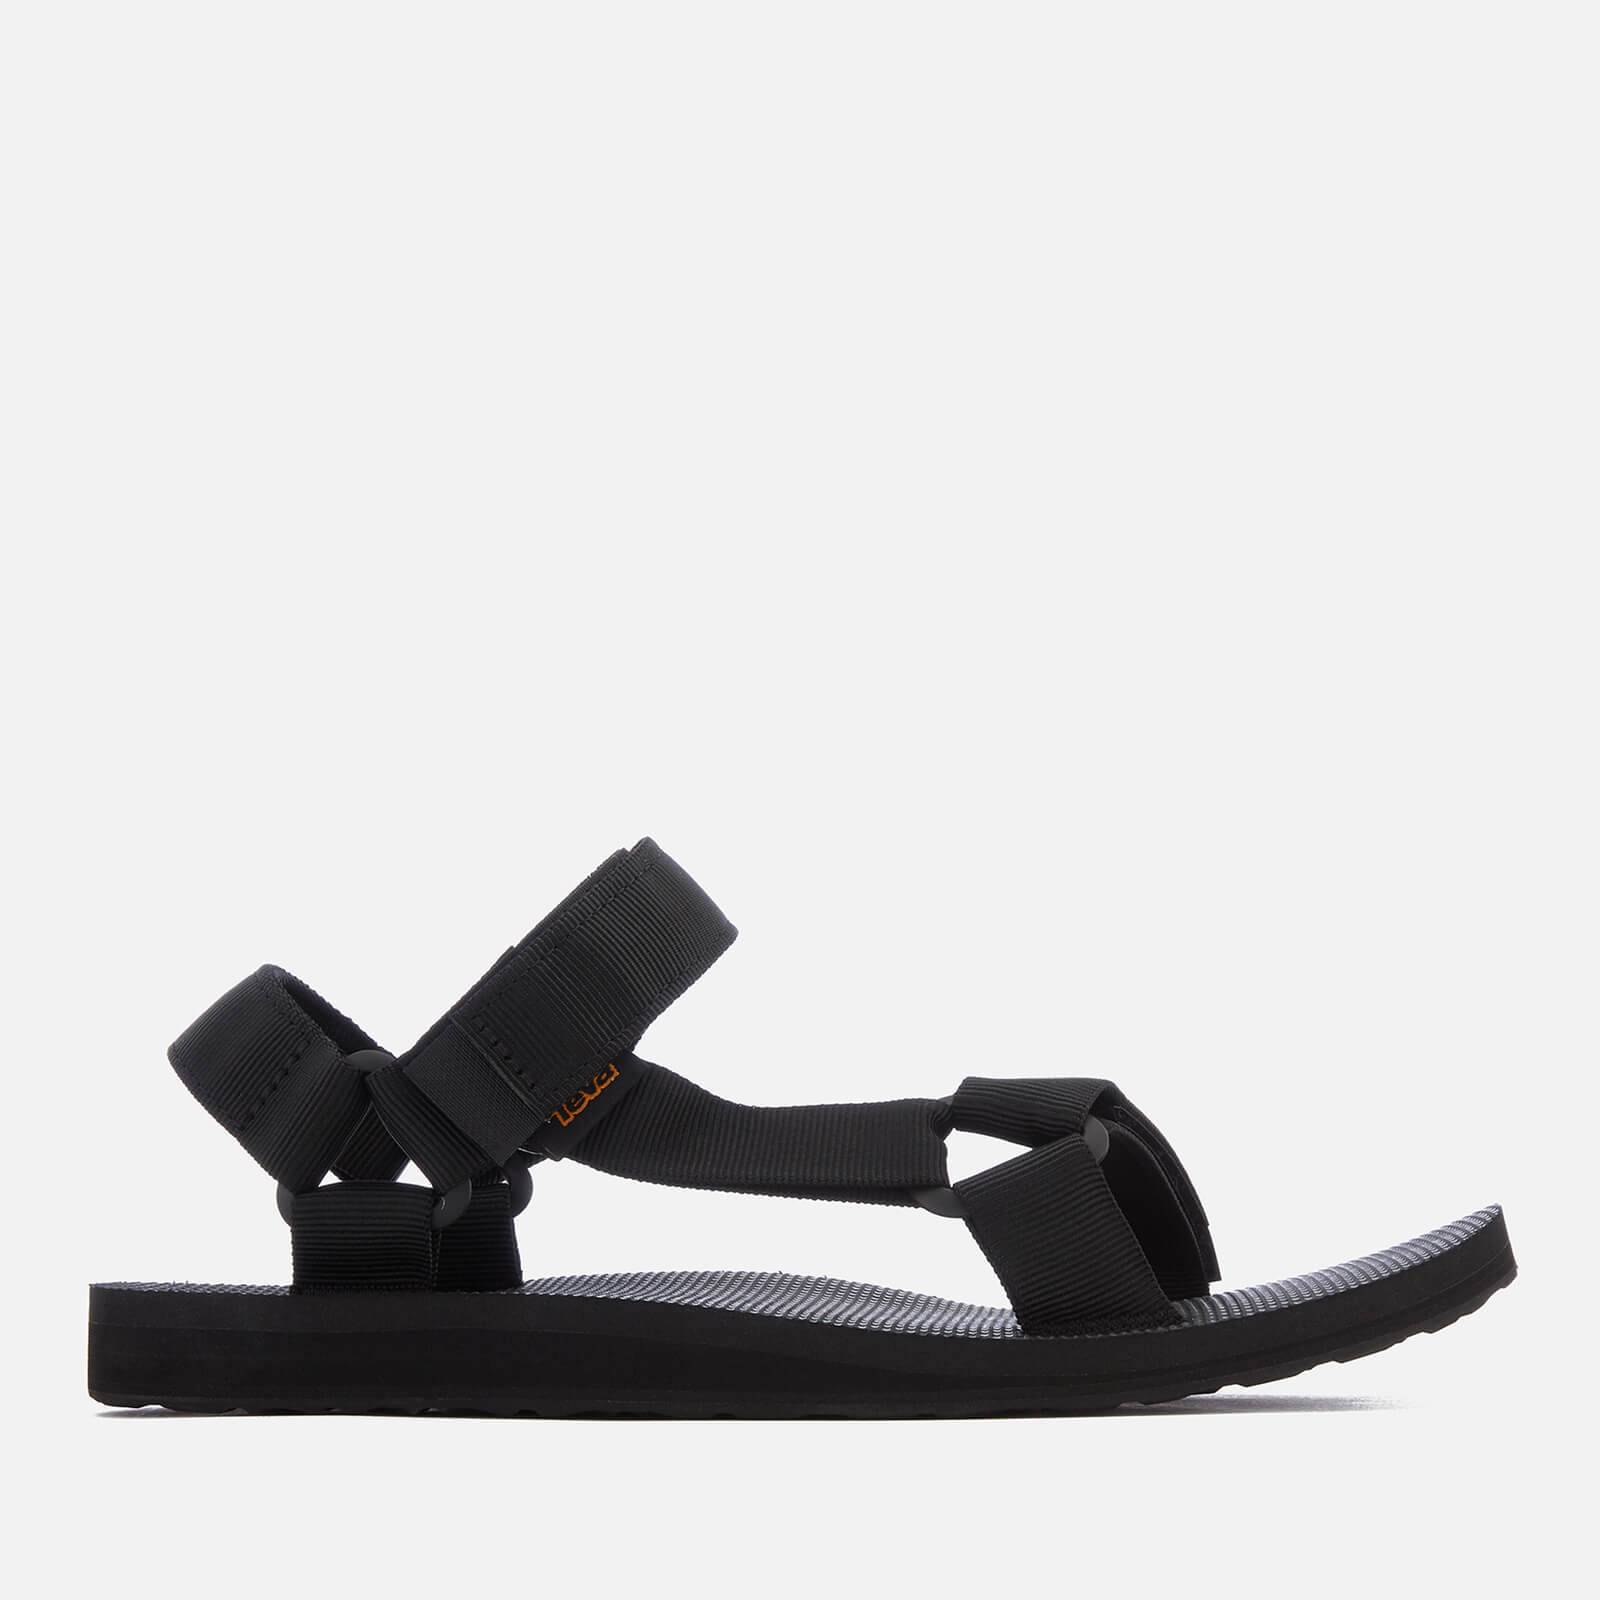 Teva Men's Original Universal Urban Sport Sandals - Black - UK 7